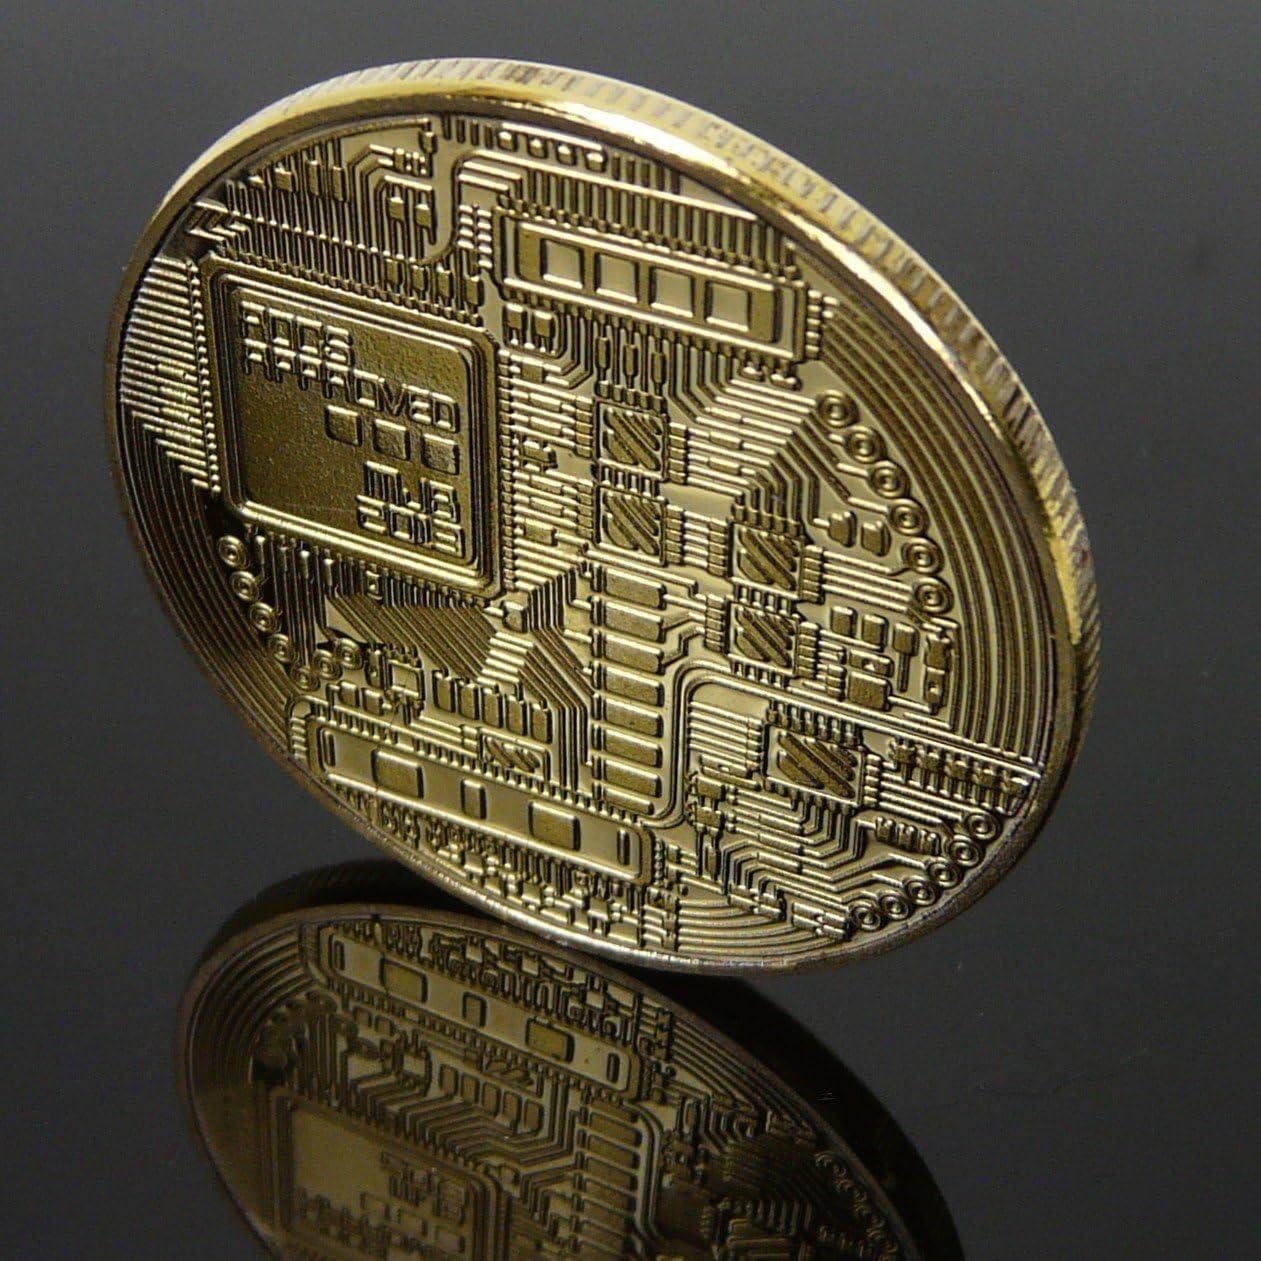 adresa de depozit kraken bitcoin